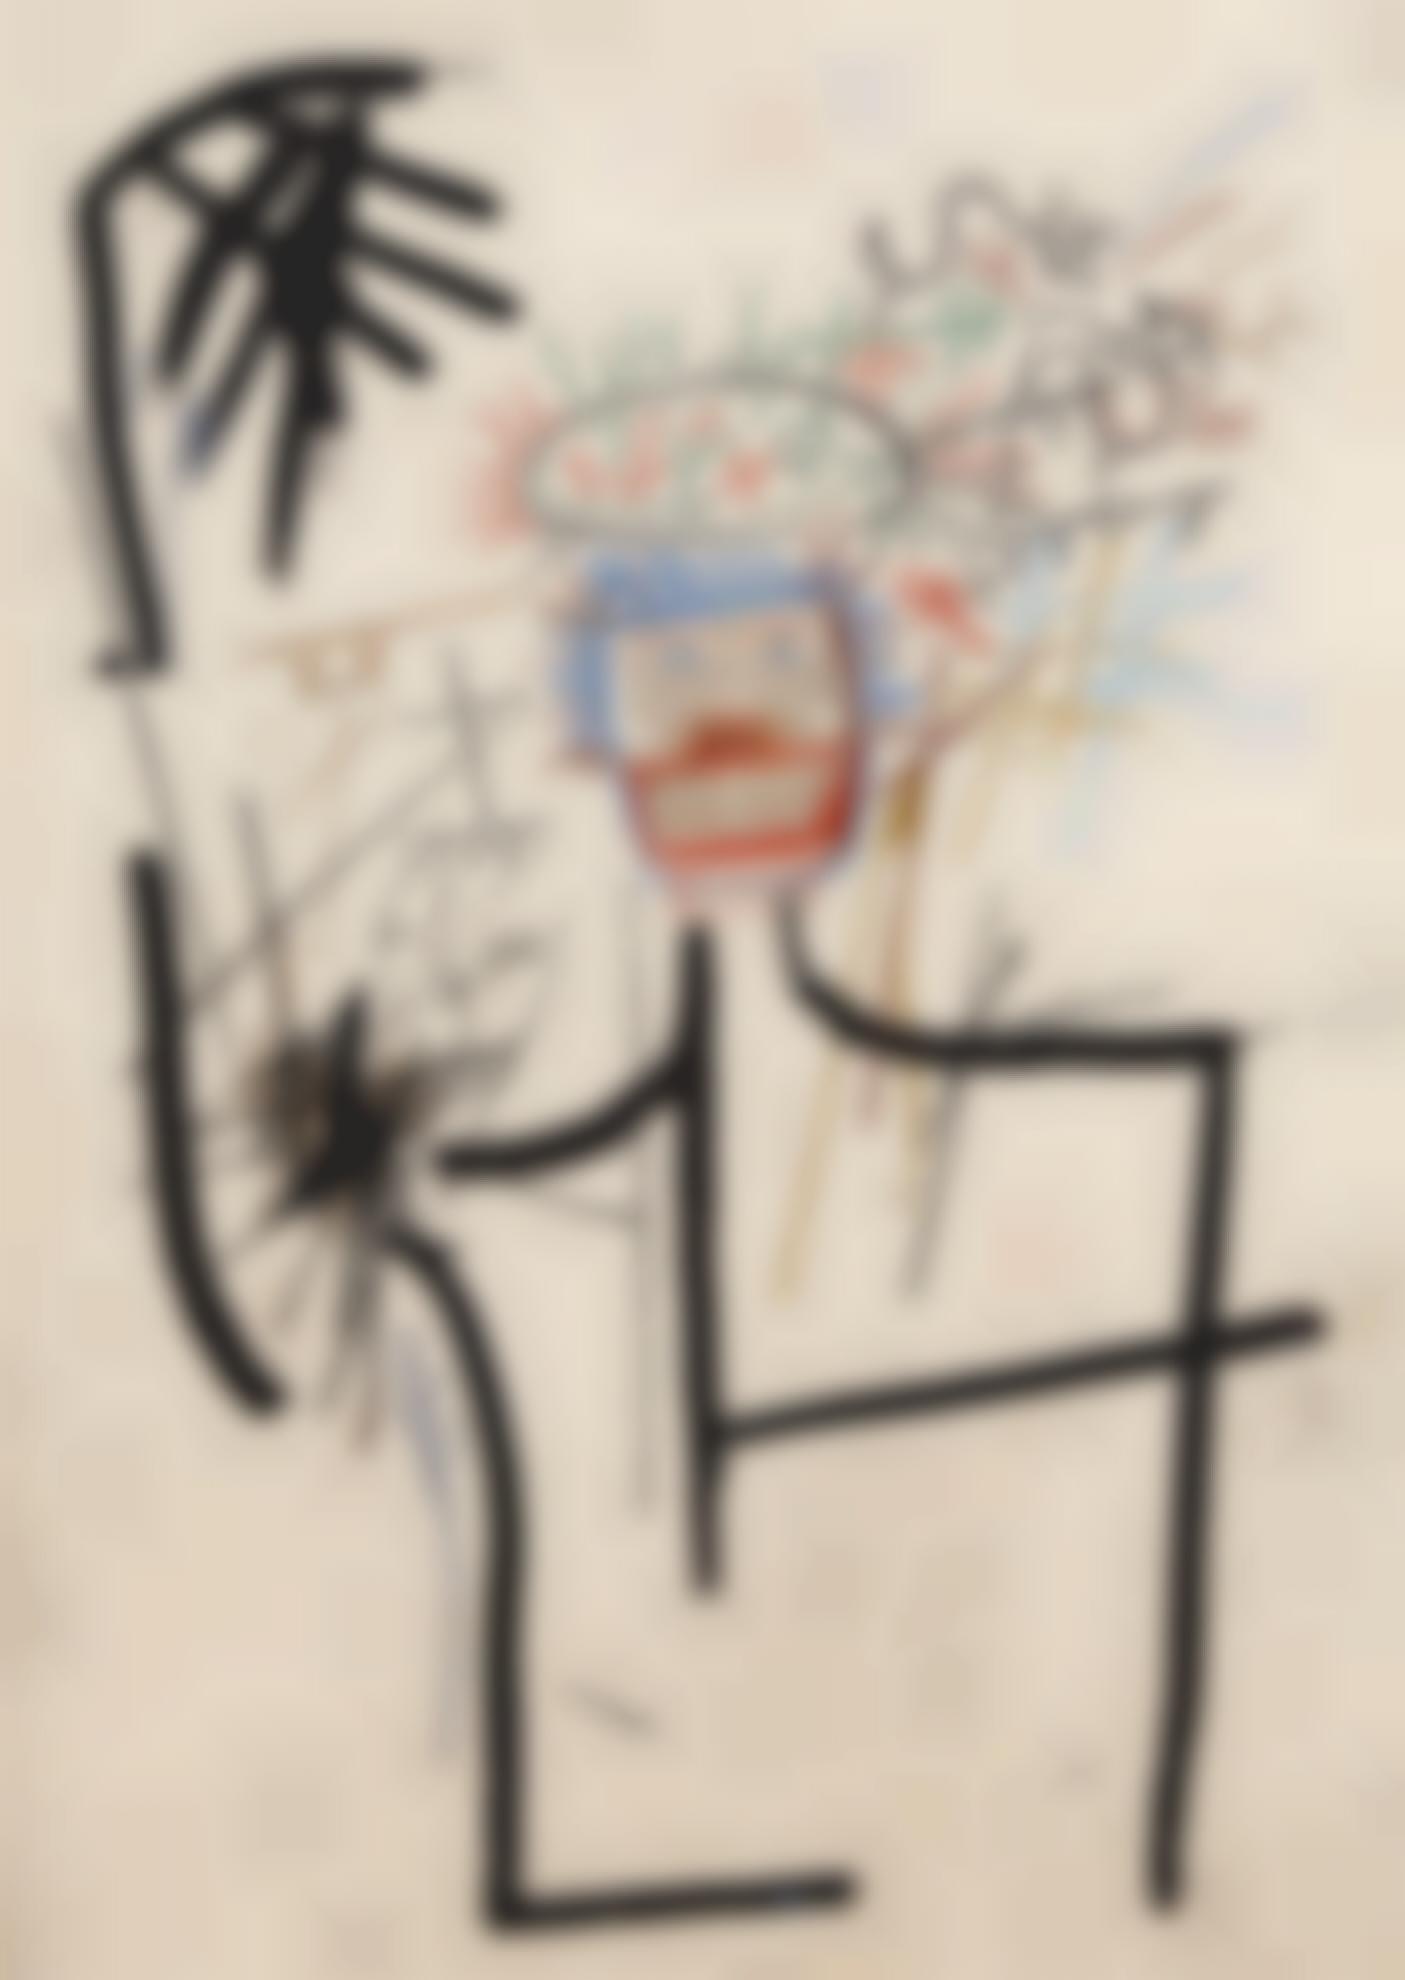 Jean-Michel Basquiat-Untitled (Figure Jmb #1)-1982